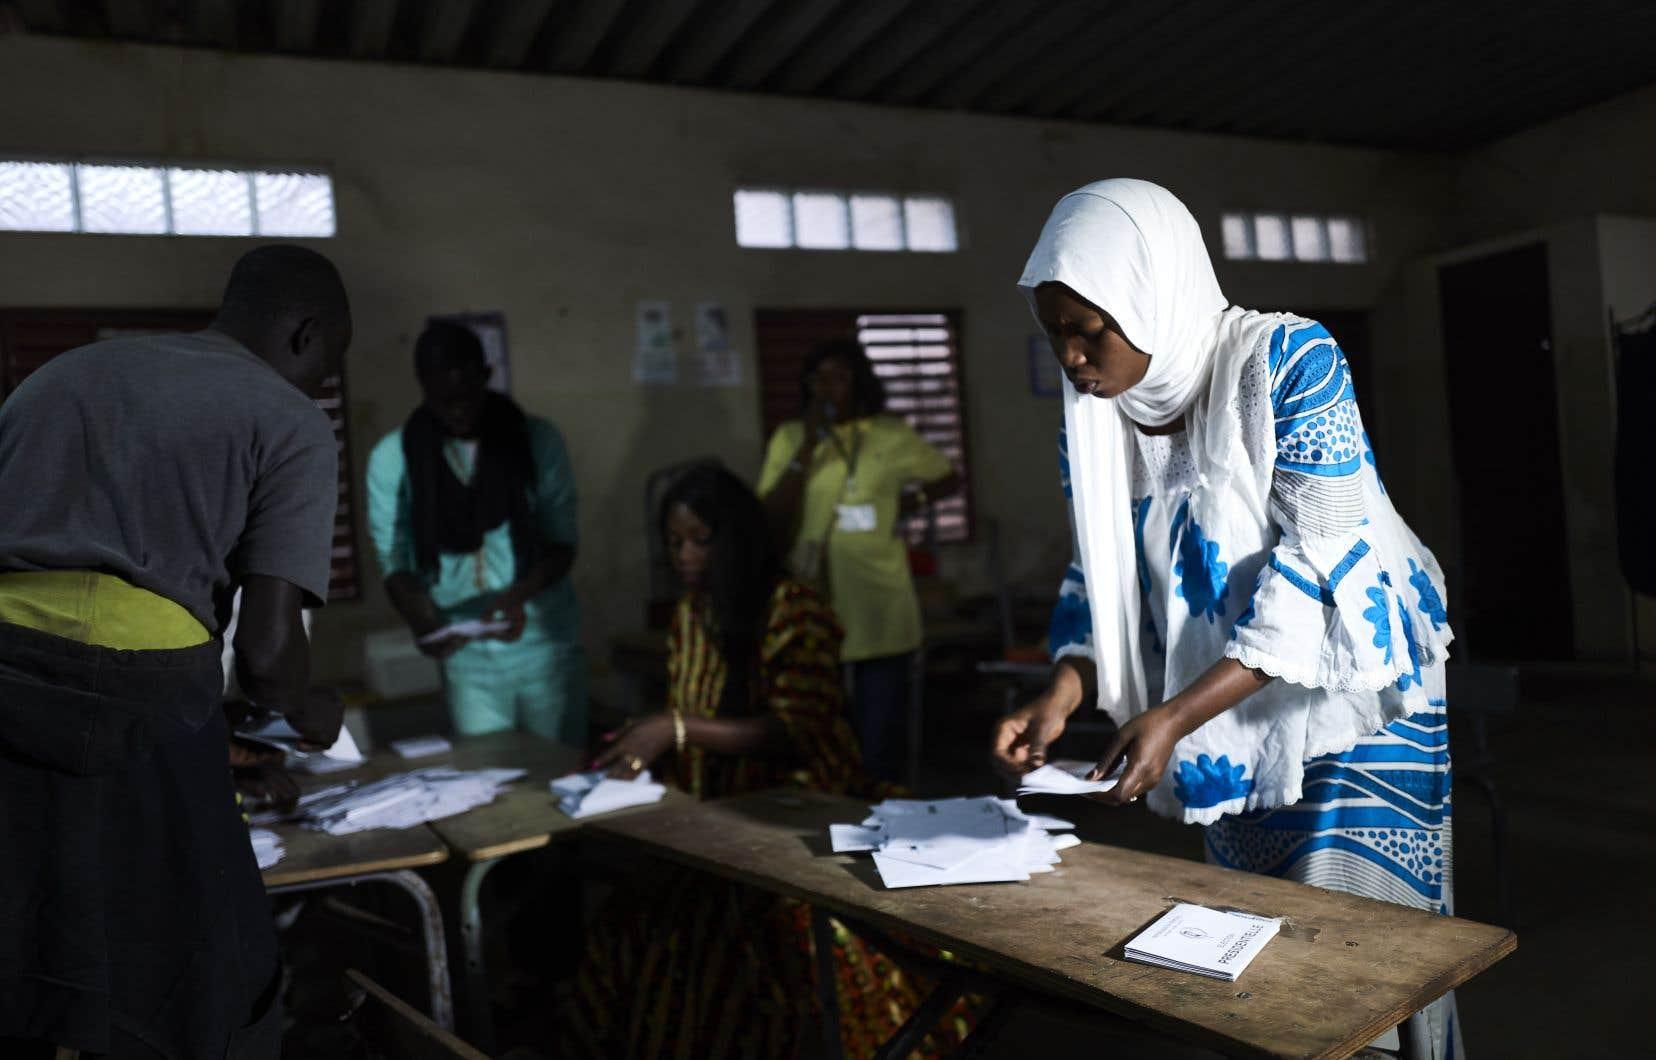 Selon les premiers résultats parcellaires égrenés par les médias locaux dans la soirée,Macky Sall, 56ans, est largement en tête dans de nombreux bureaux de vote.